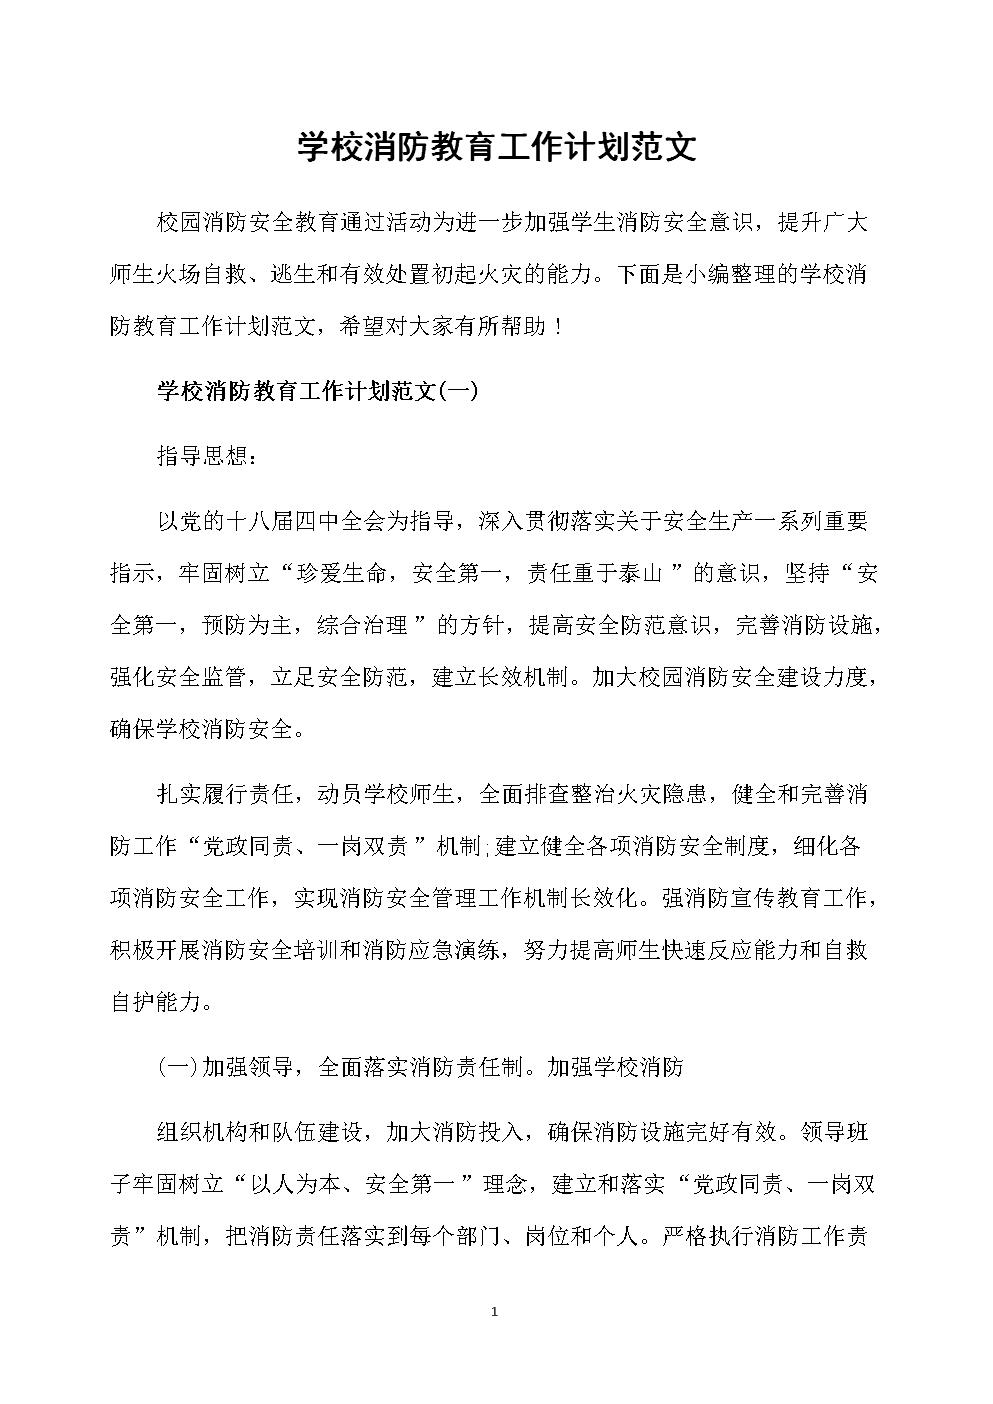 学校消防教育工作计划范文.docx